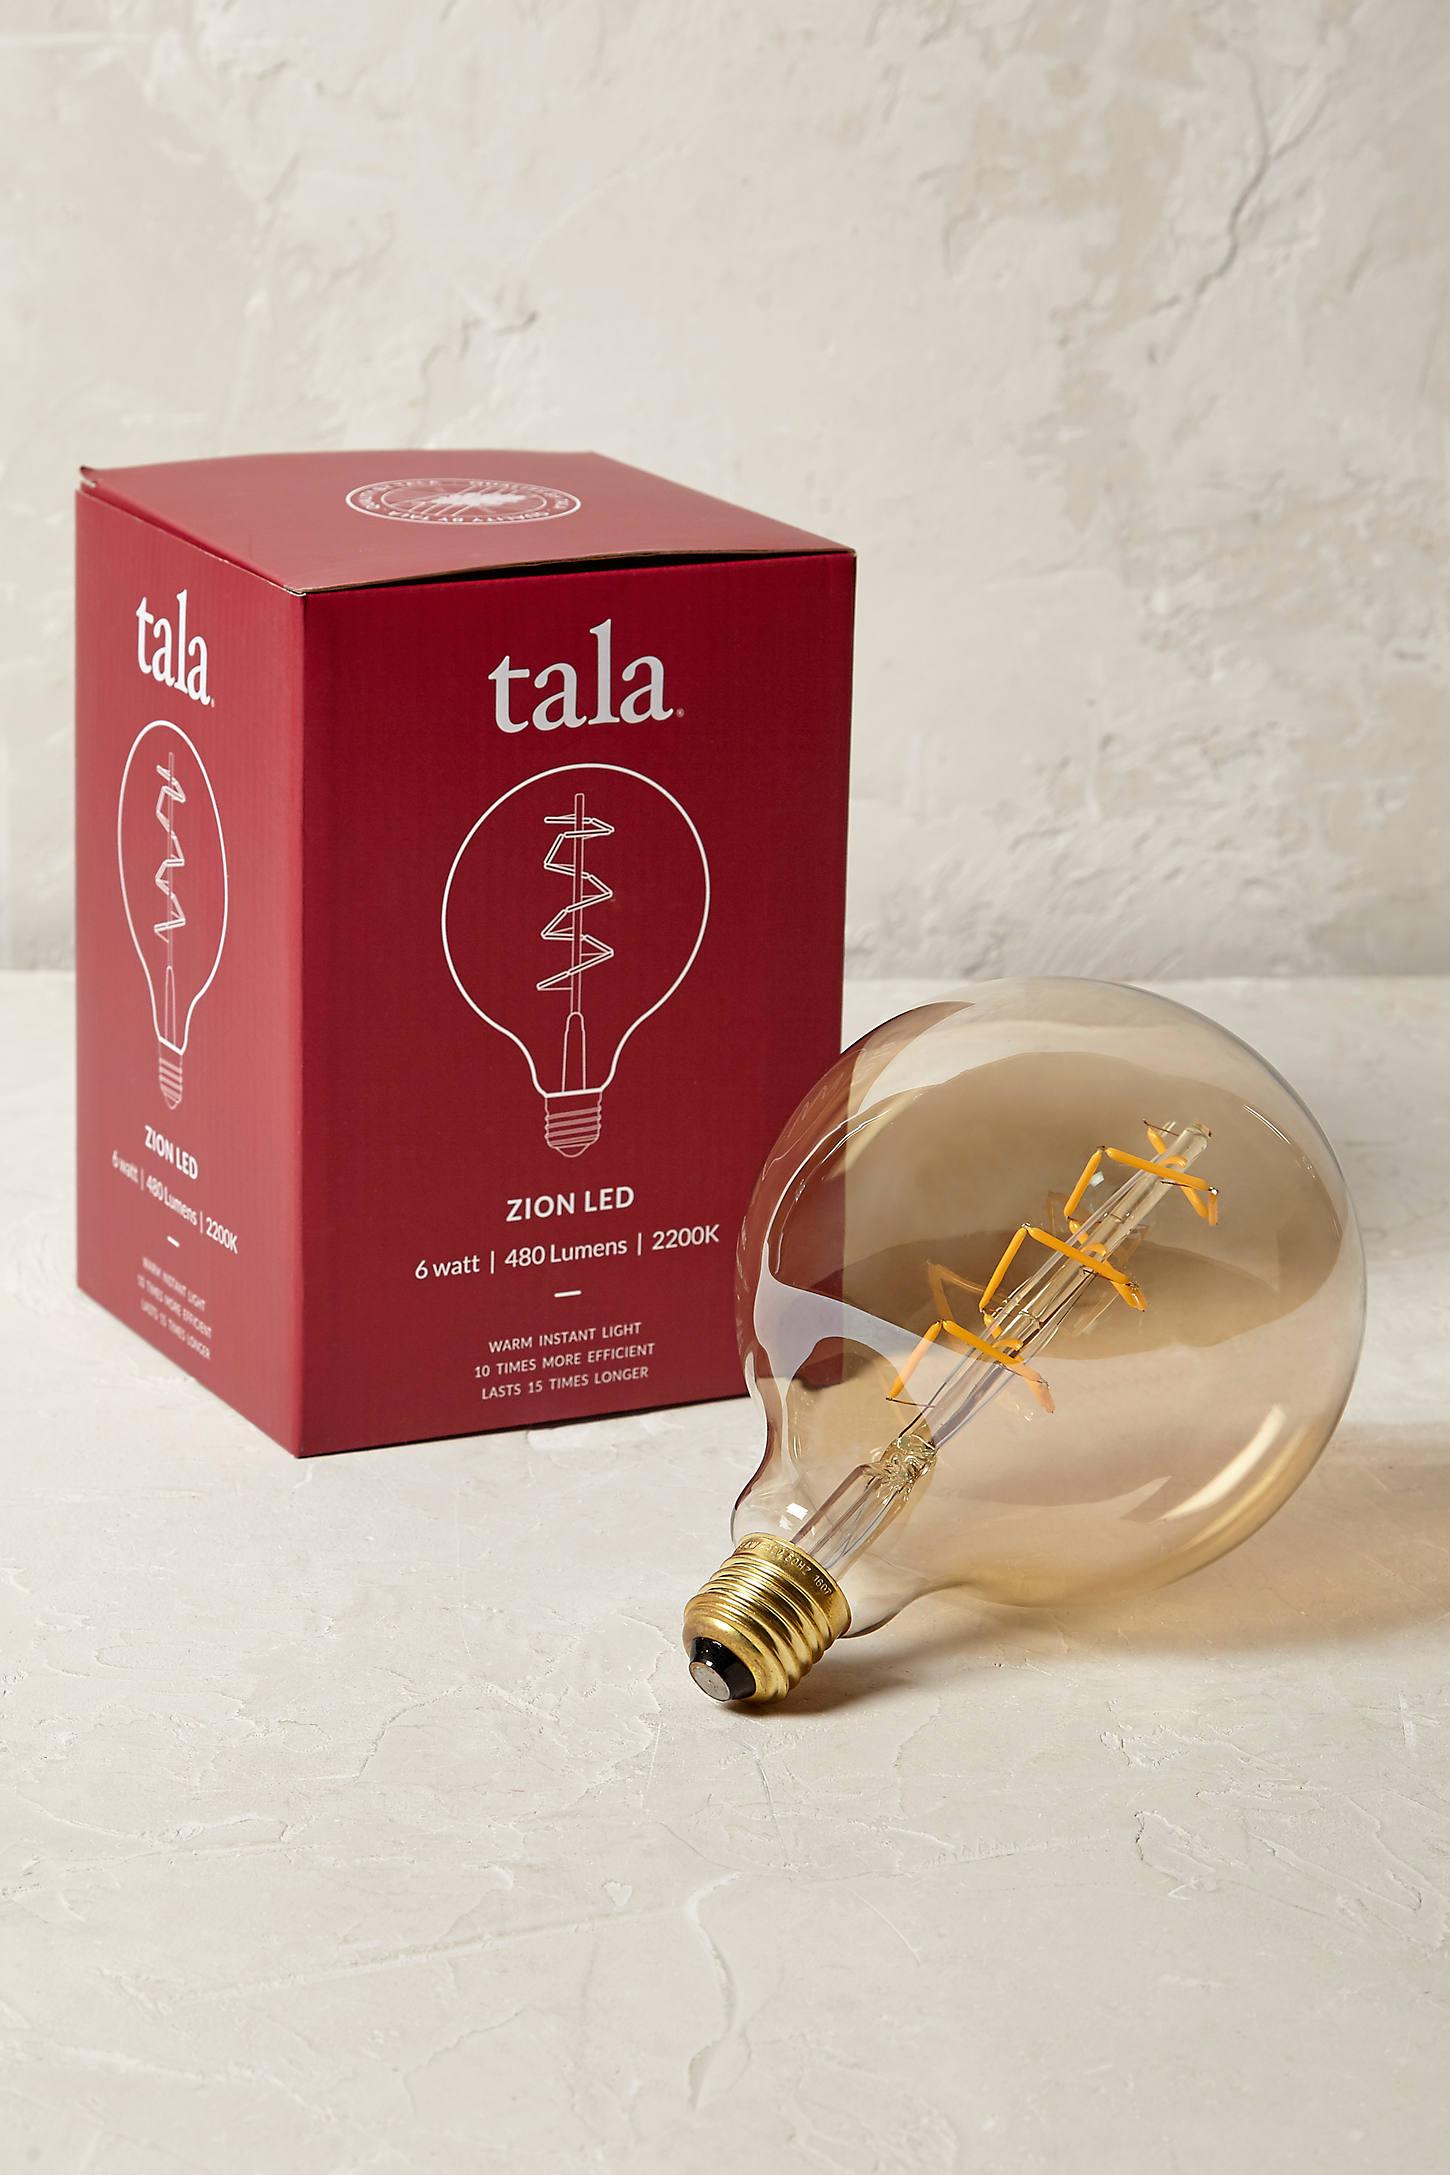 Tala Zion LED Bulb